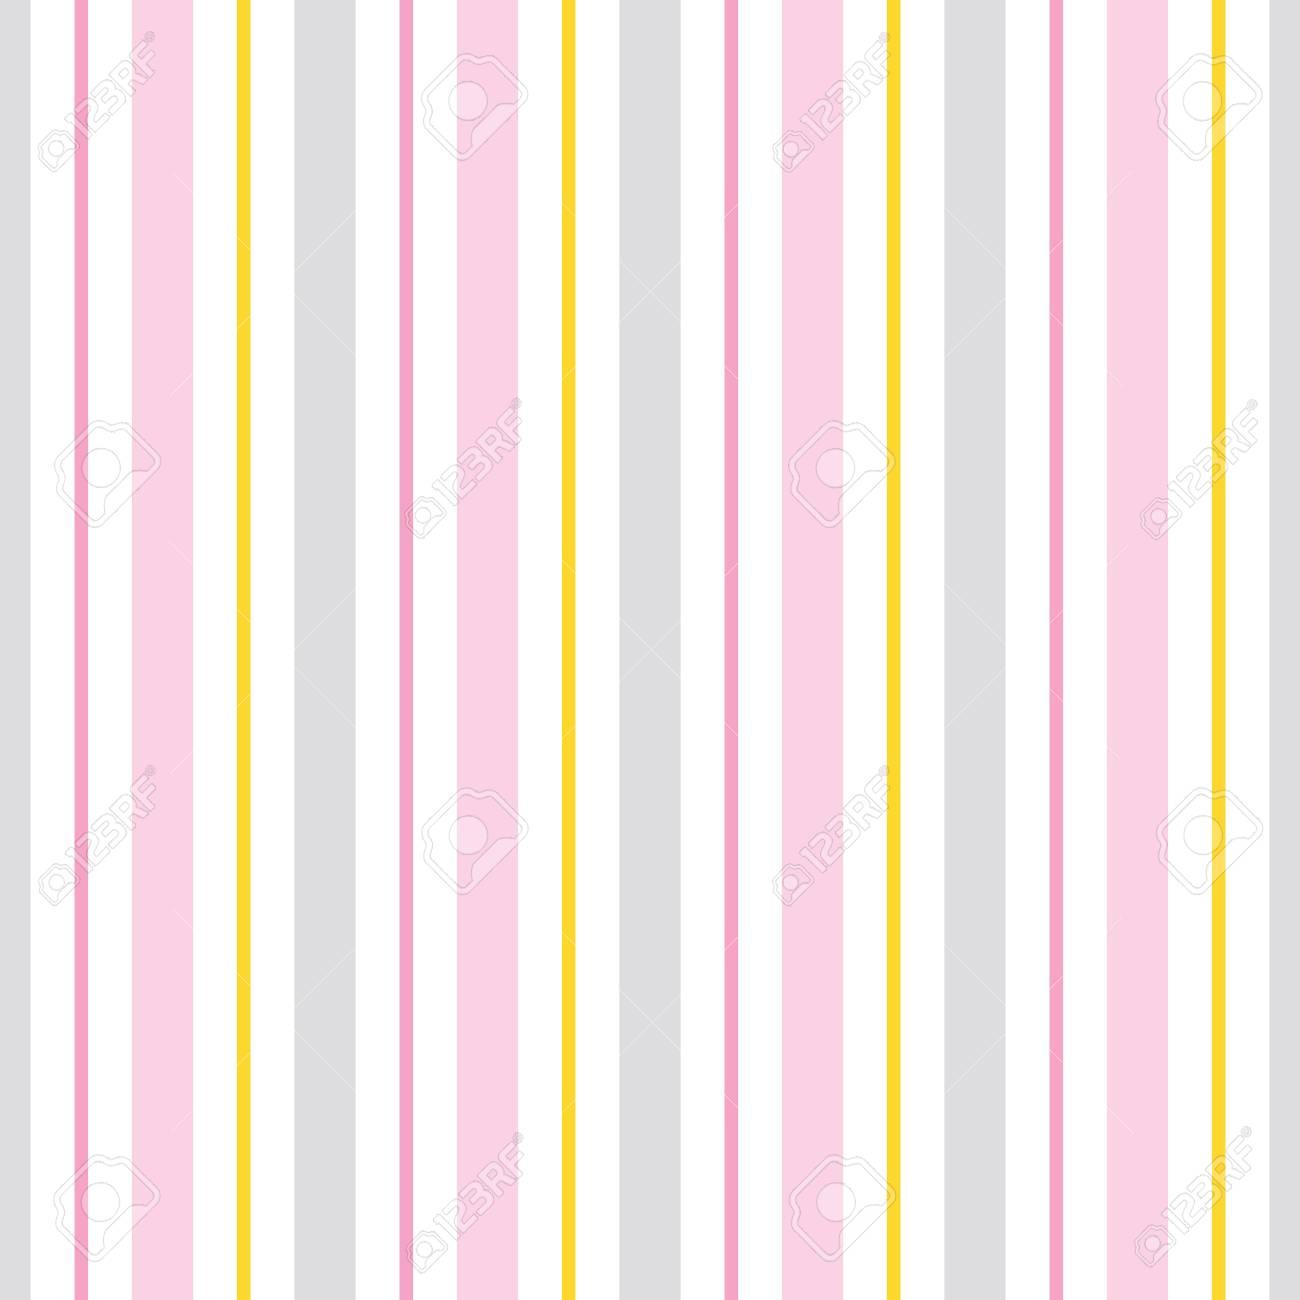 Patrón Transparente De Vector Con Rayas De Color Rosa, Amarillo Y ...